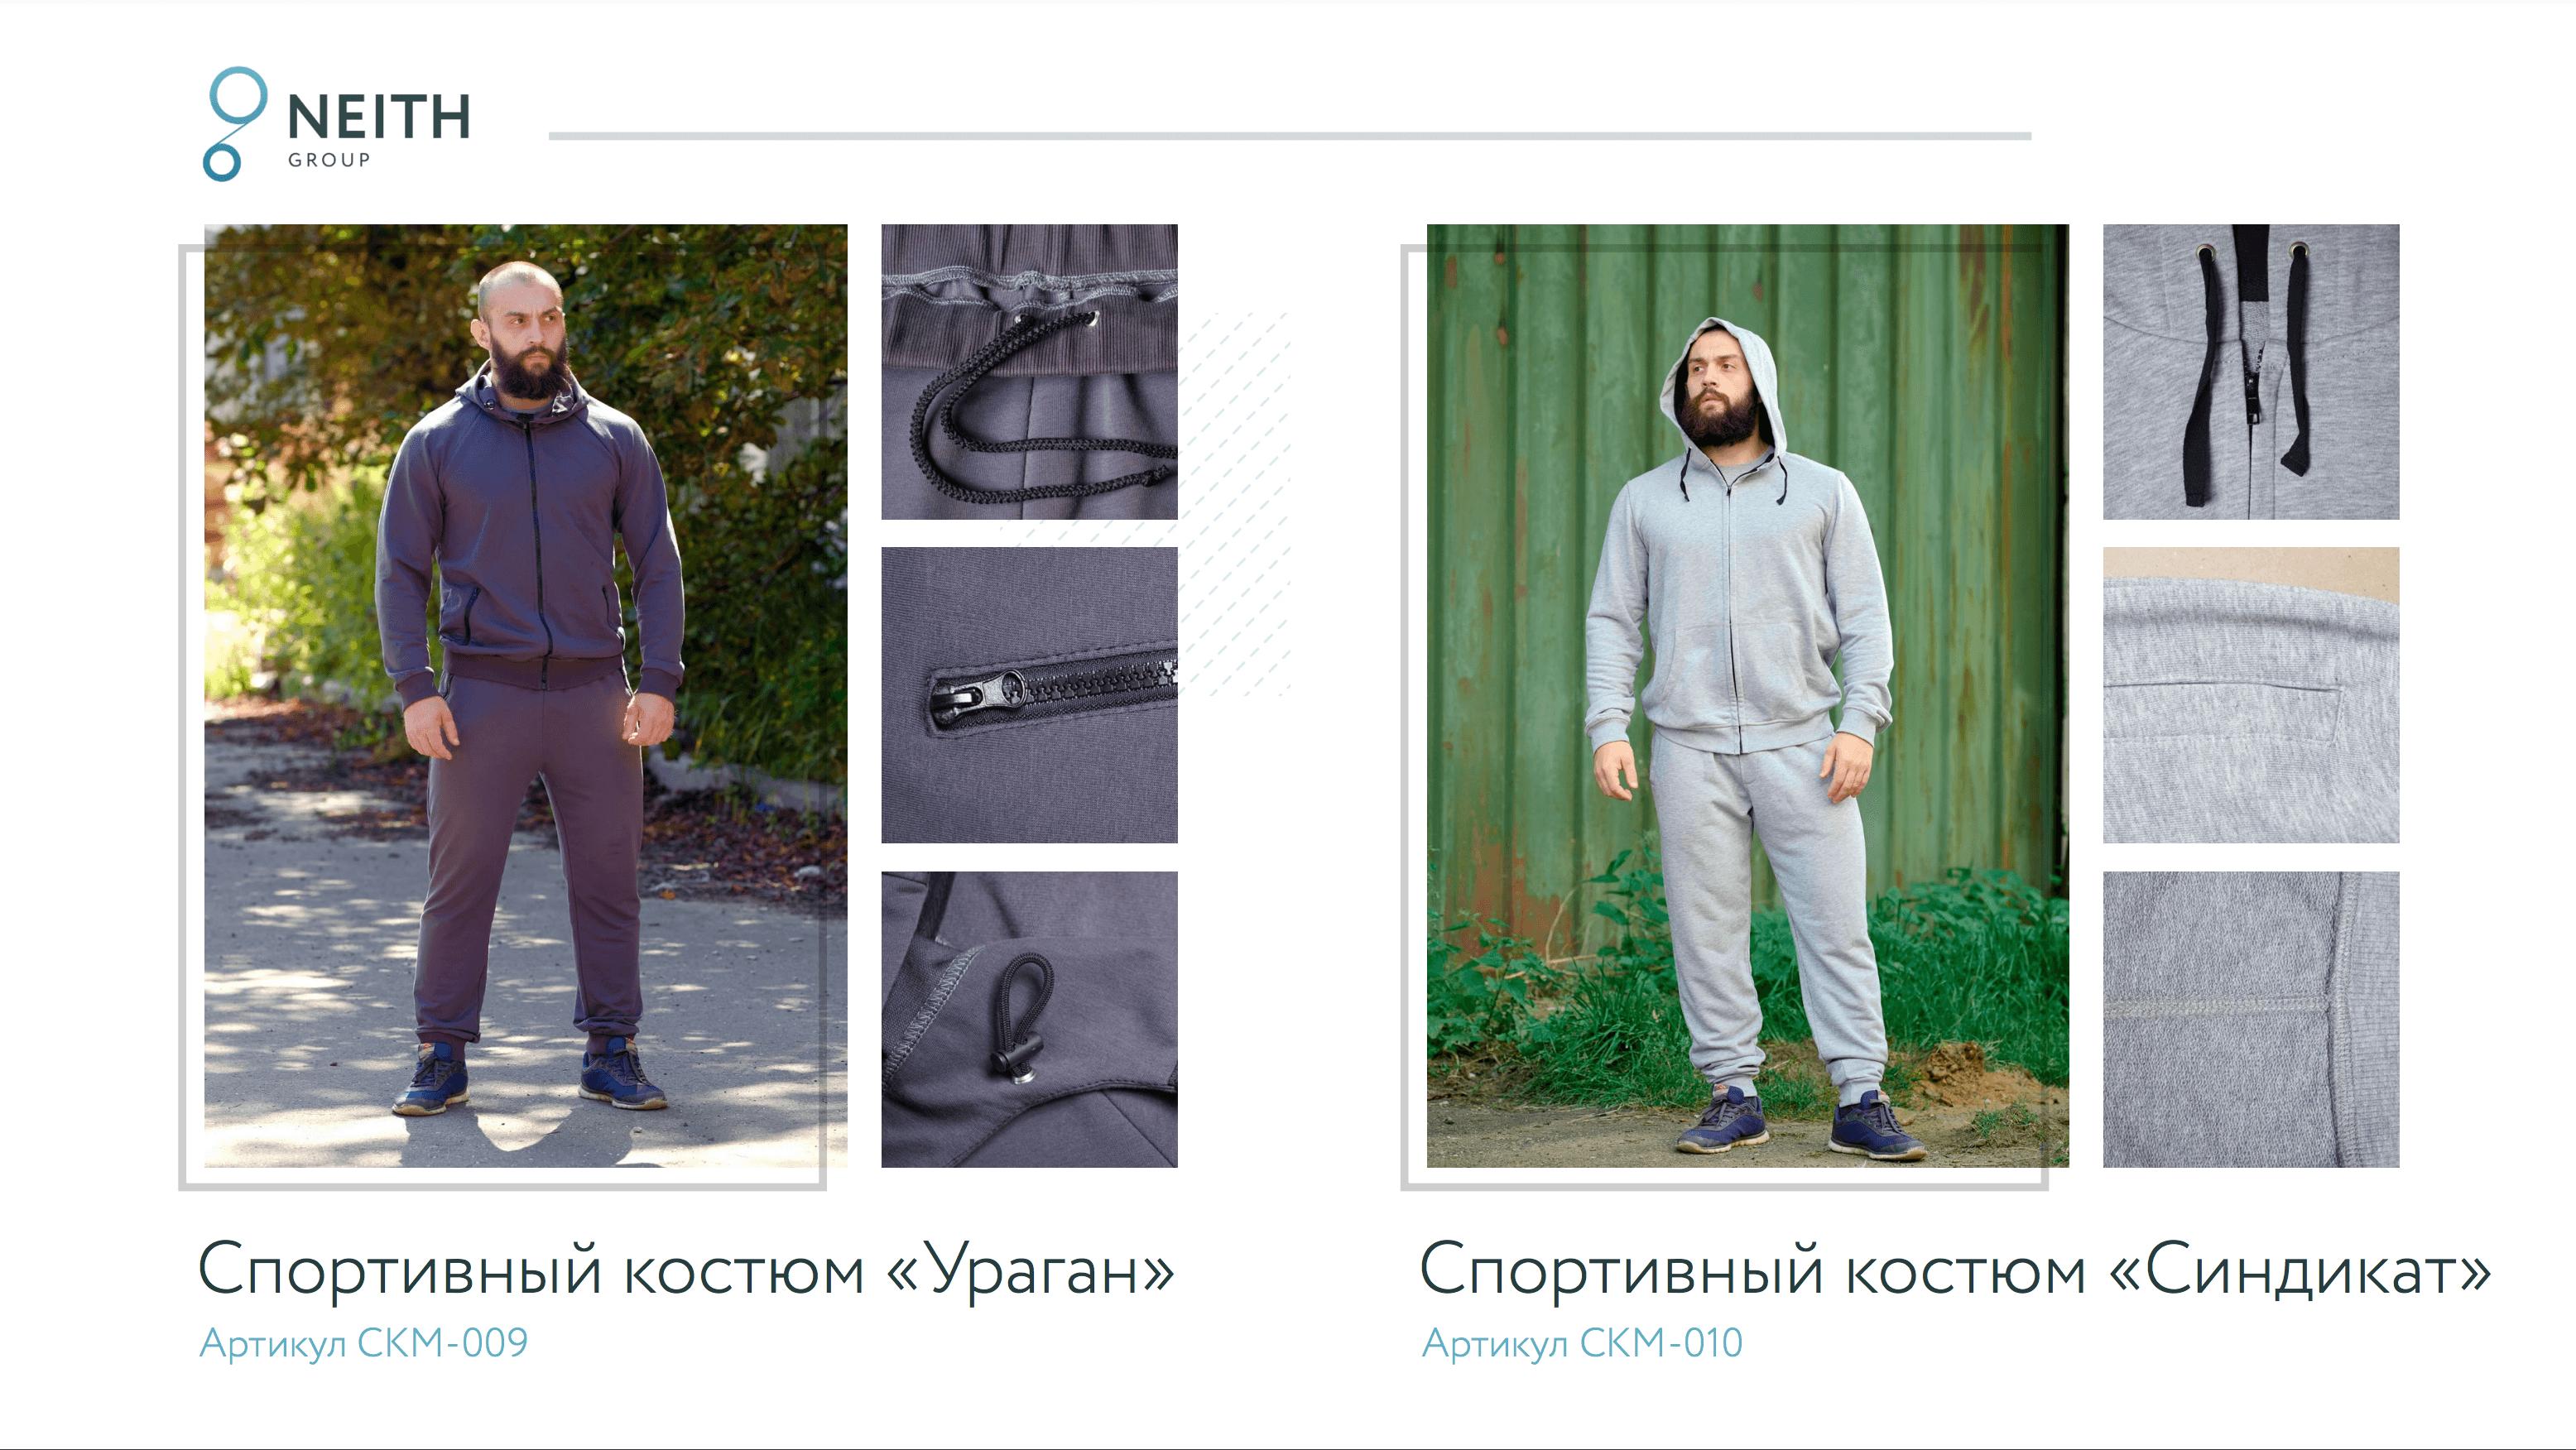 Антон демонстрирует примеры продукции в каталоге Neith Group. Заказчик может выбрать типовое изделие и прислать свои логотипы, чтобы получилась фирменная одежда